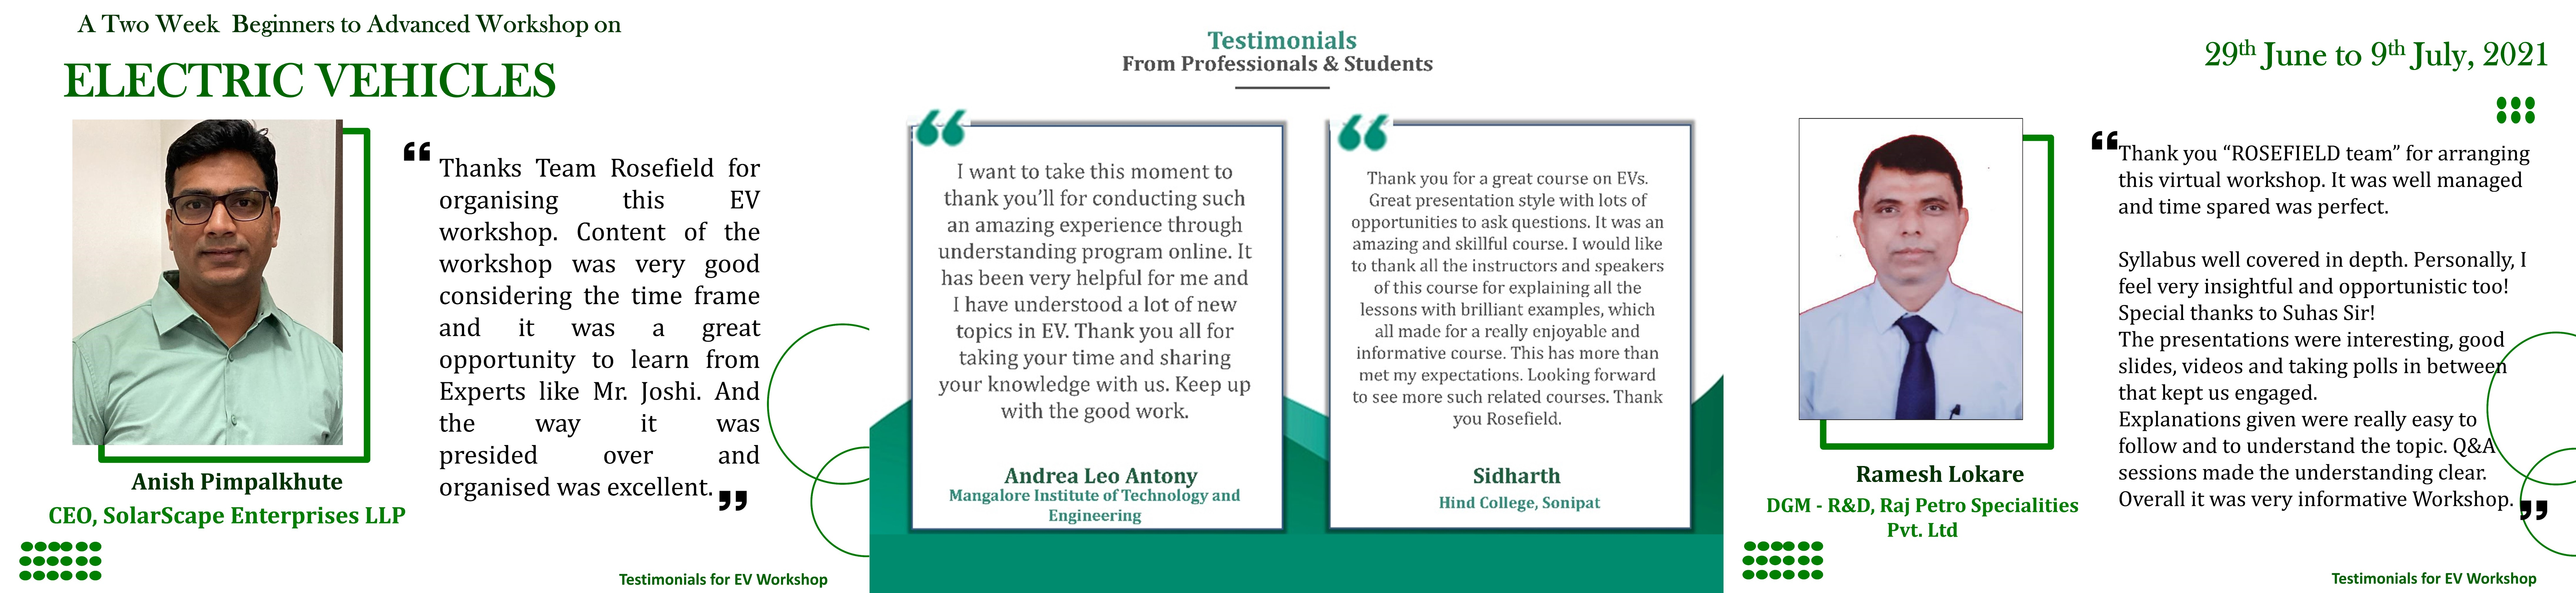 Testimonials for Workshop